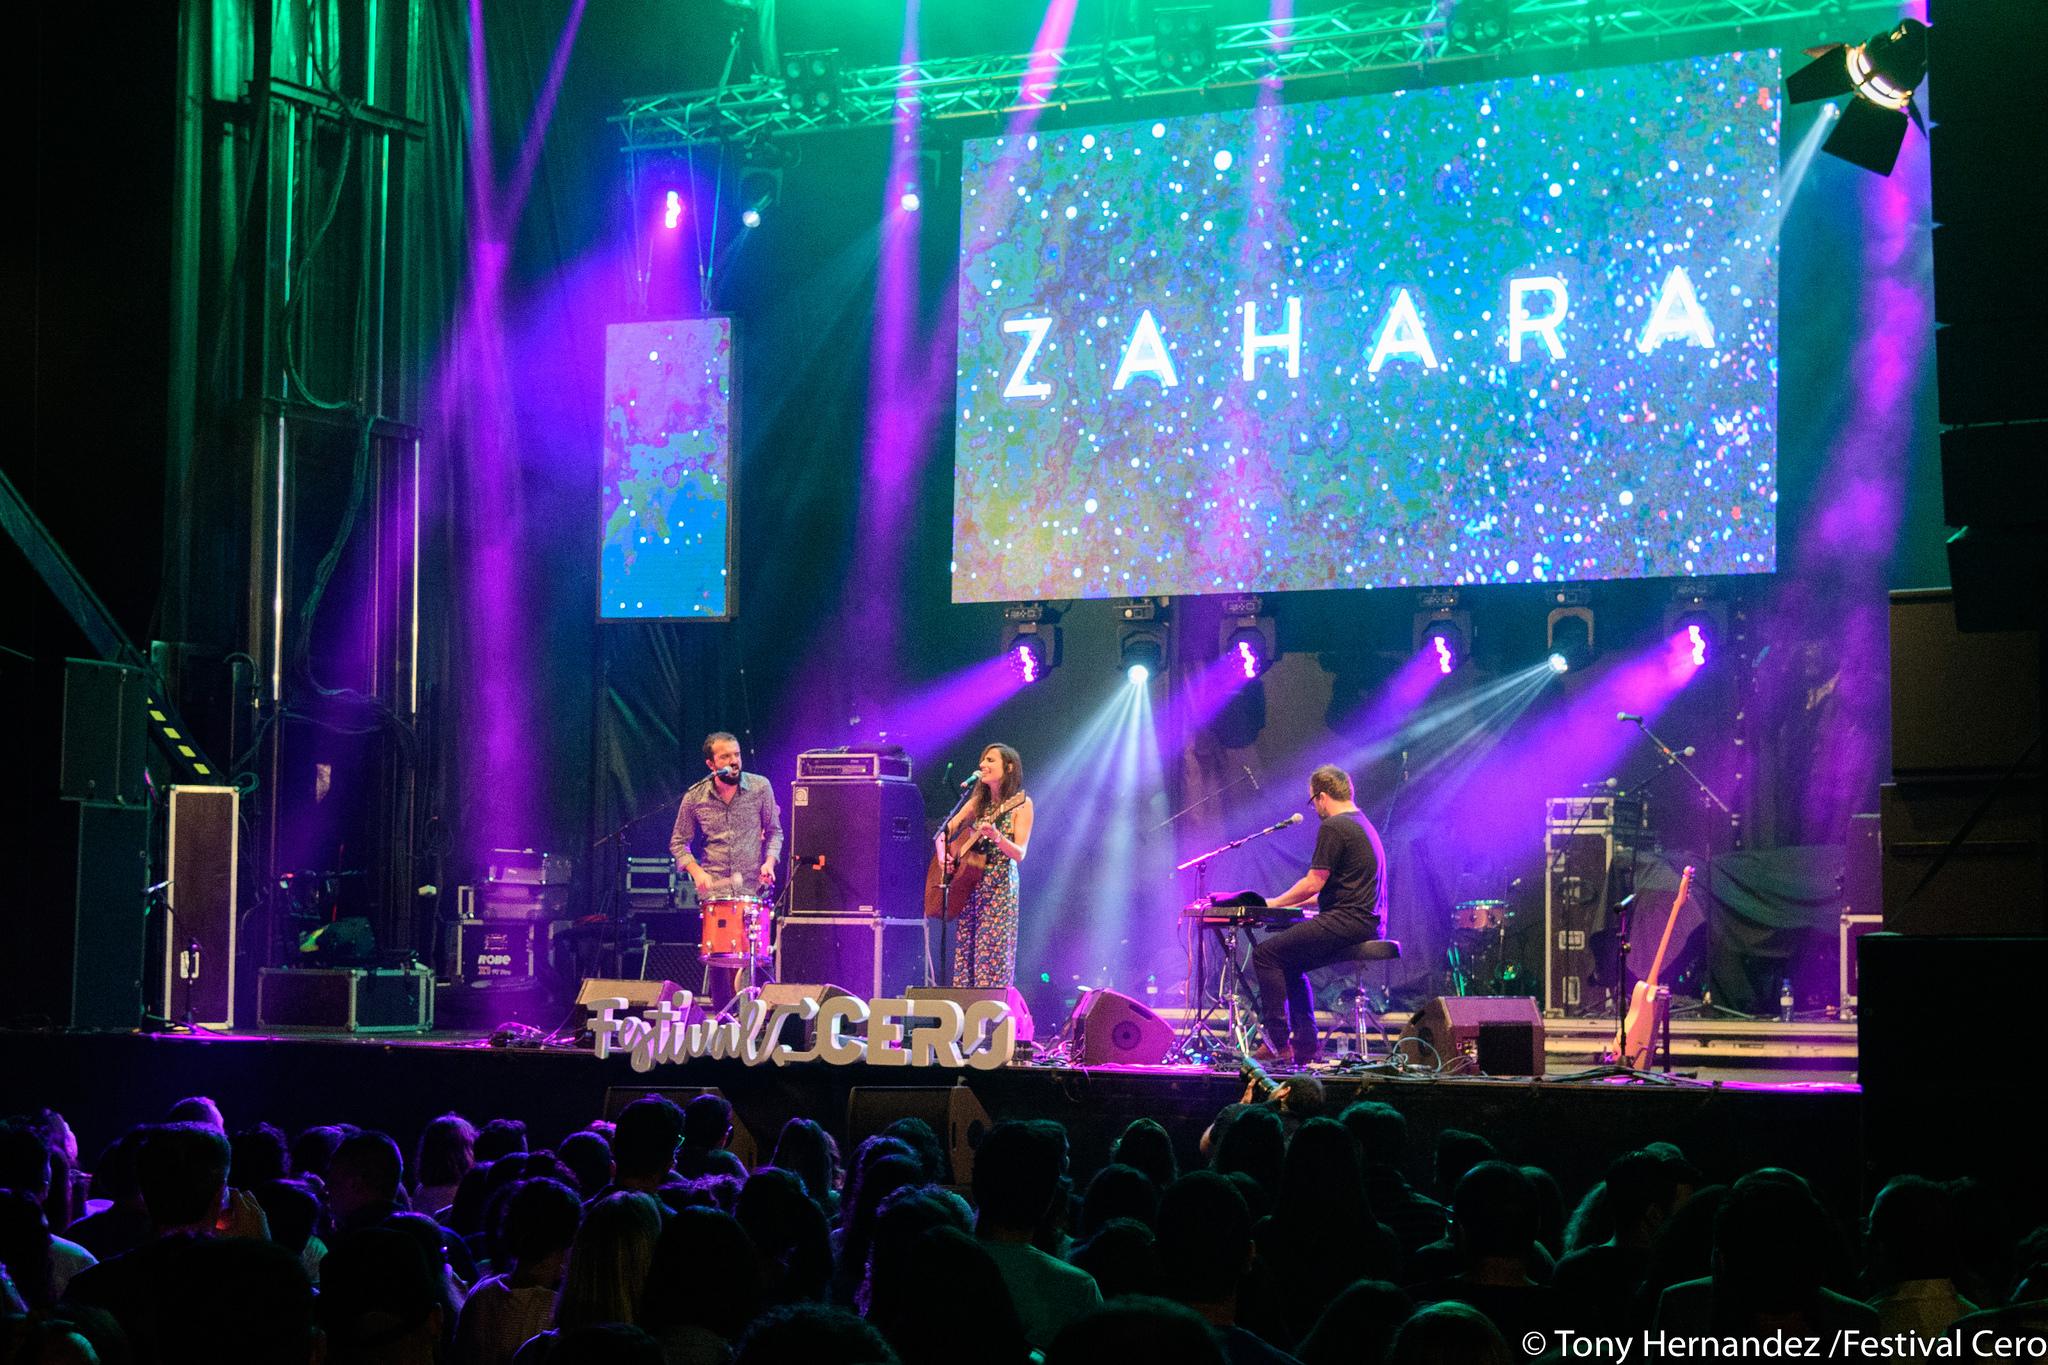 Zahara 2